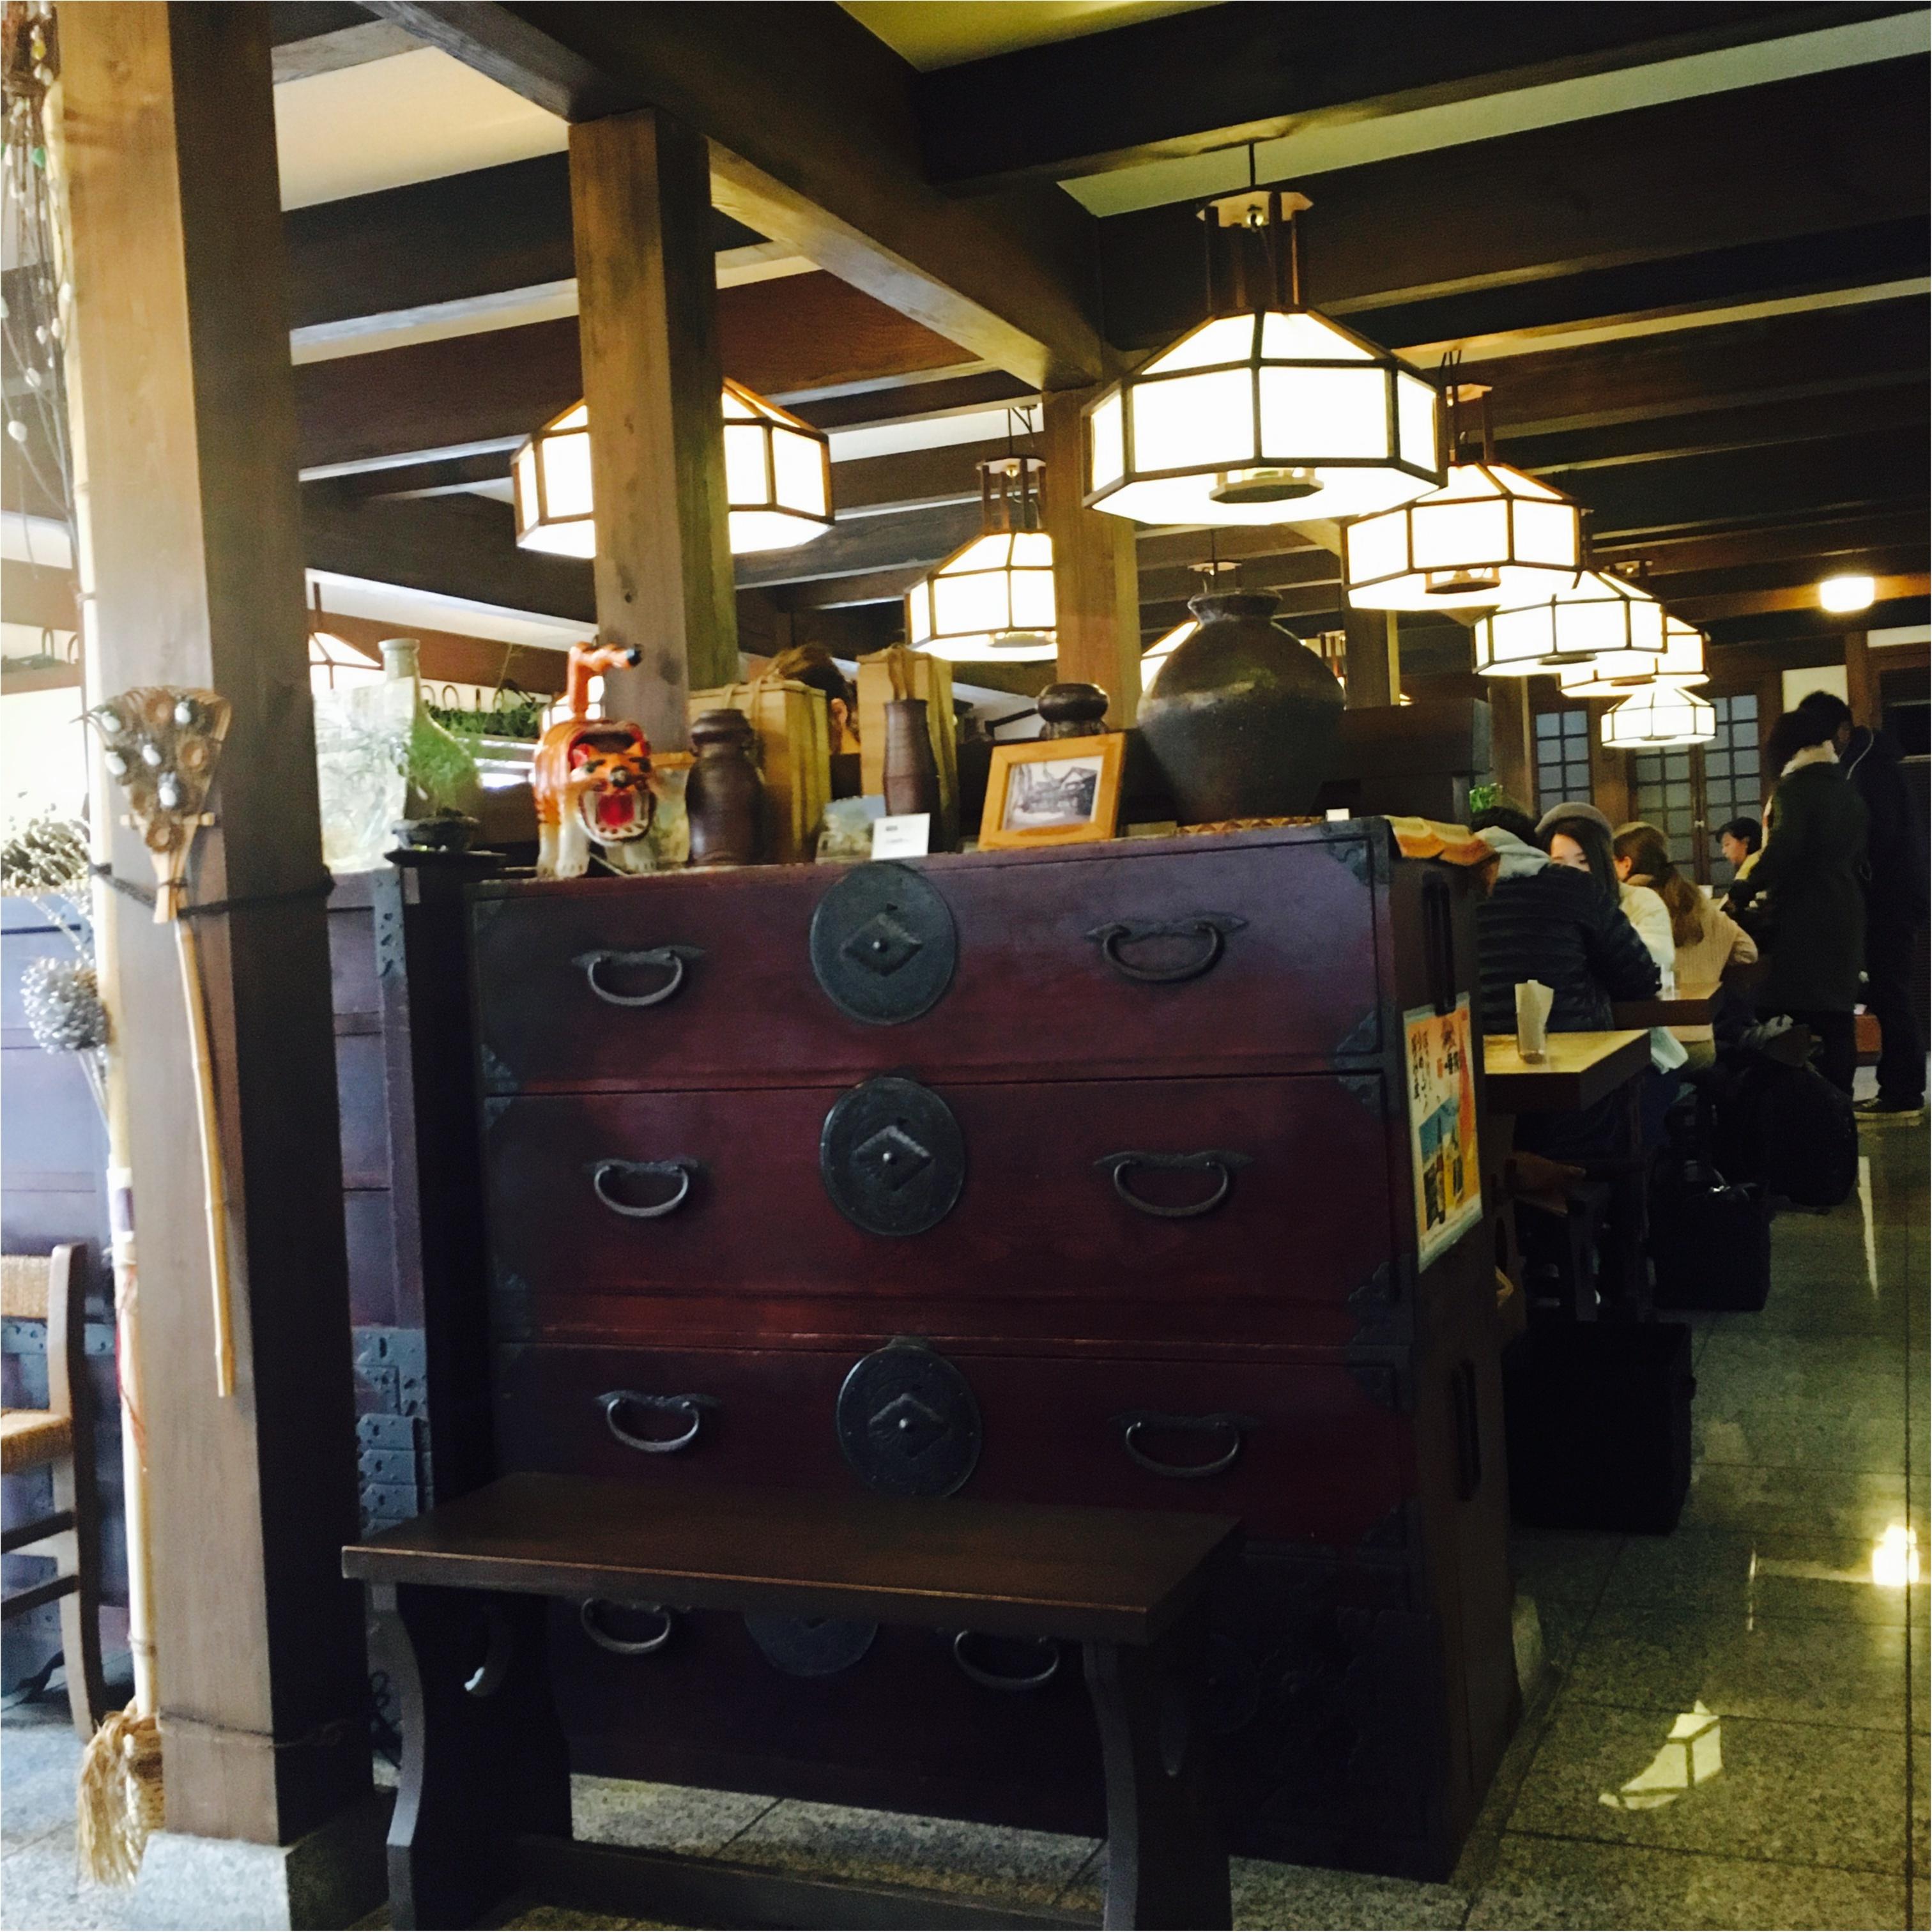 【岡山・倉敷 旅行②】茶房≪カモ井≫のランチが美味しすぎる!地元の食材を満喫しました!_2